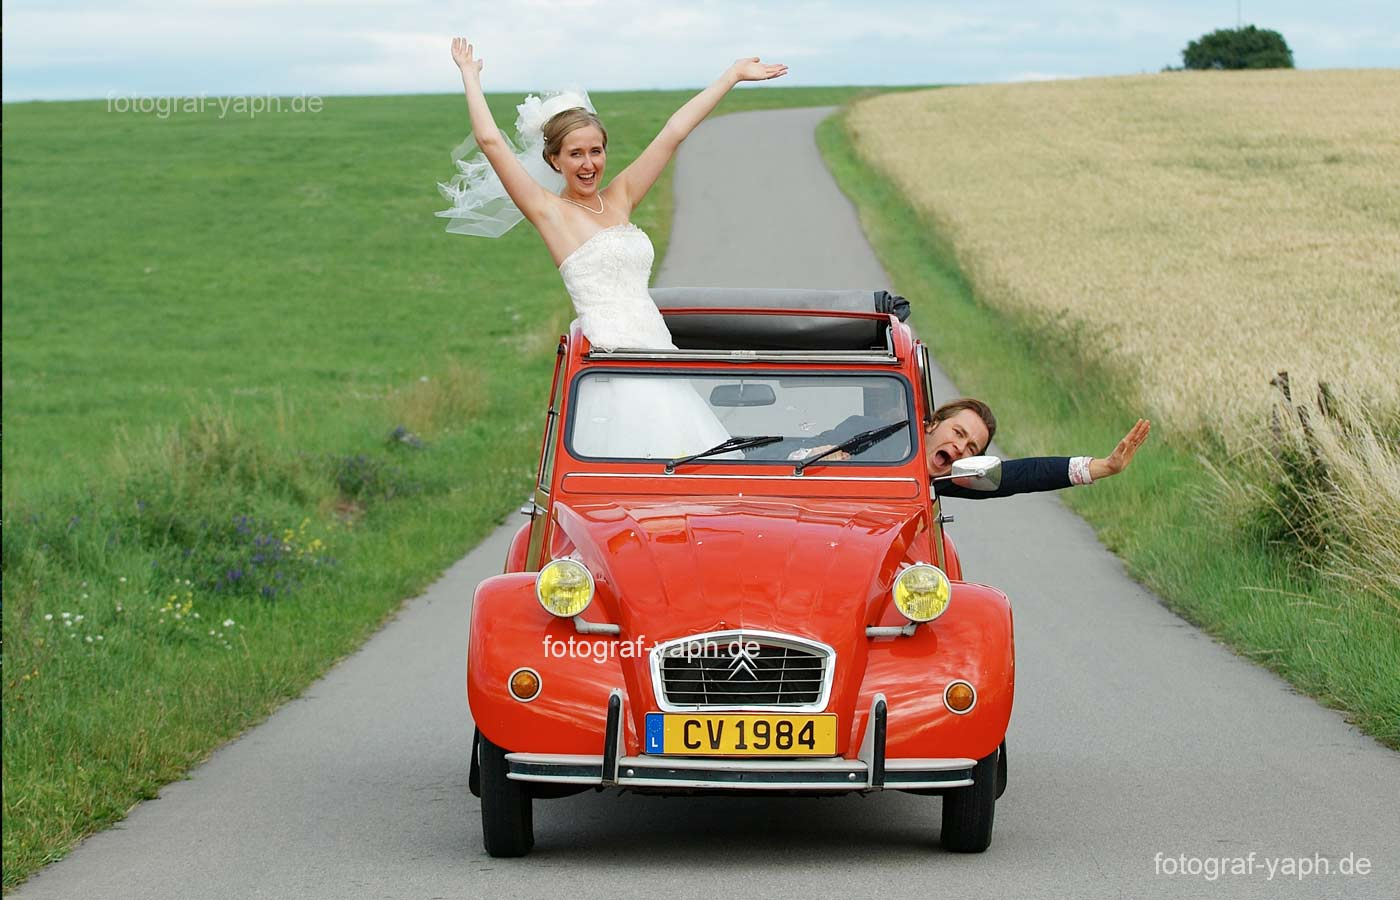 Fotograf für Hochzeit und Hochzeitsfotografie und Brautpaarshooting von Fotograf Yaph in Trier und Luxemburg.